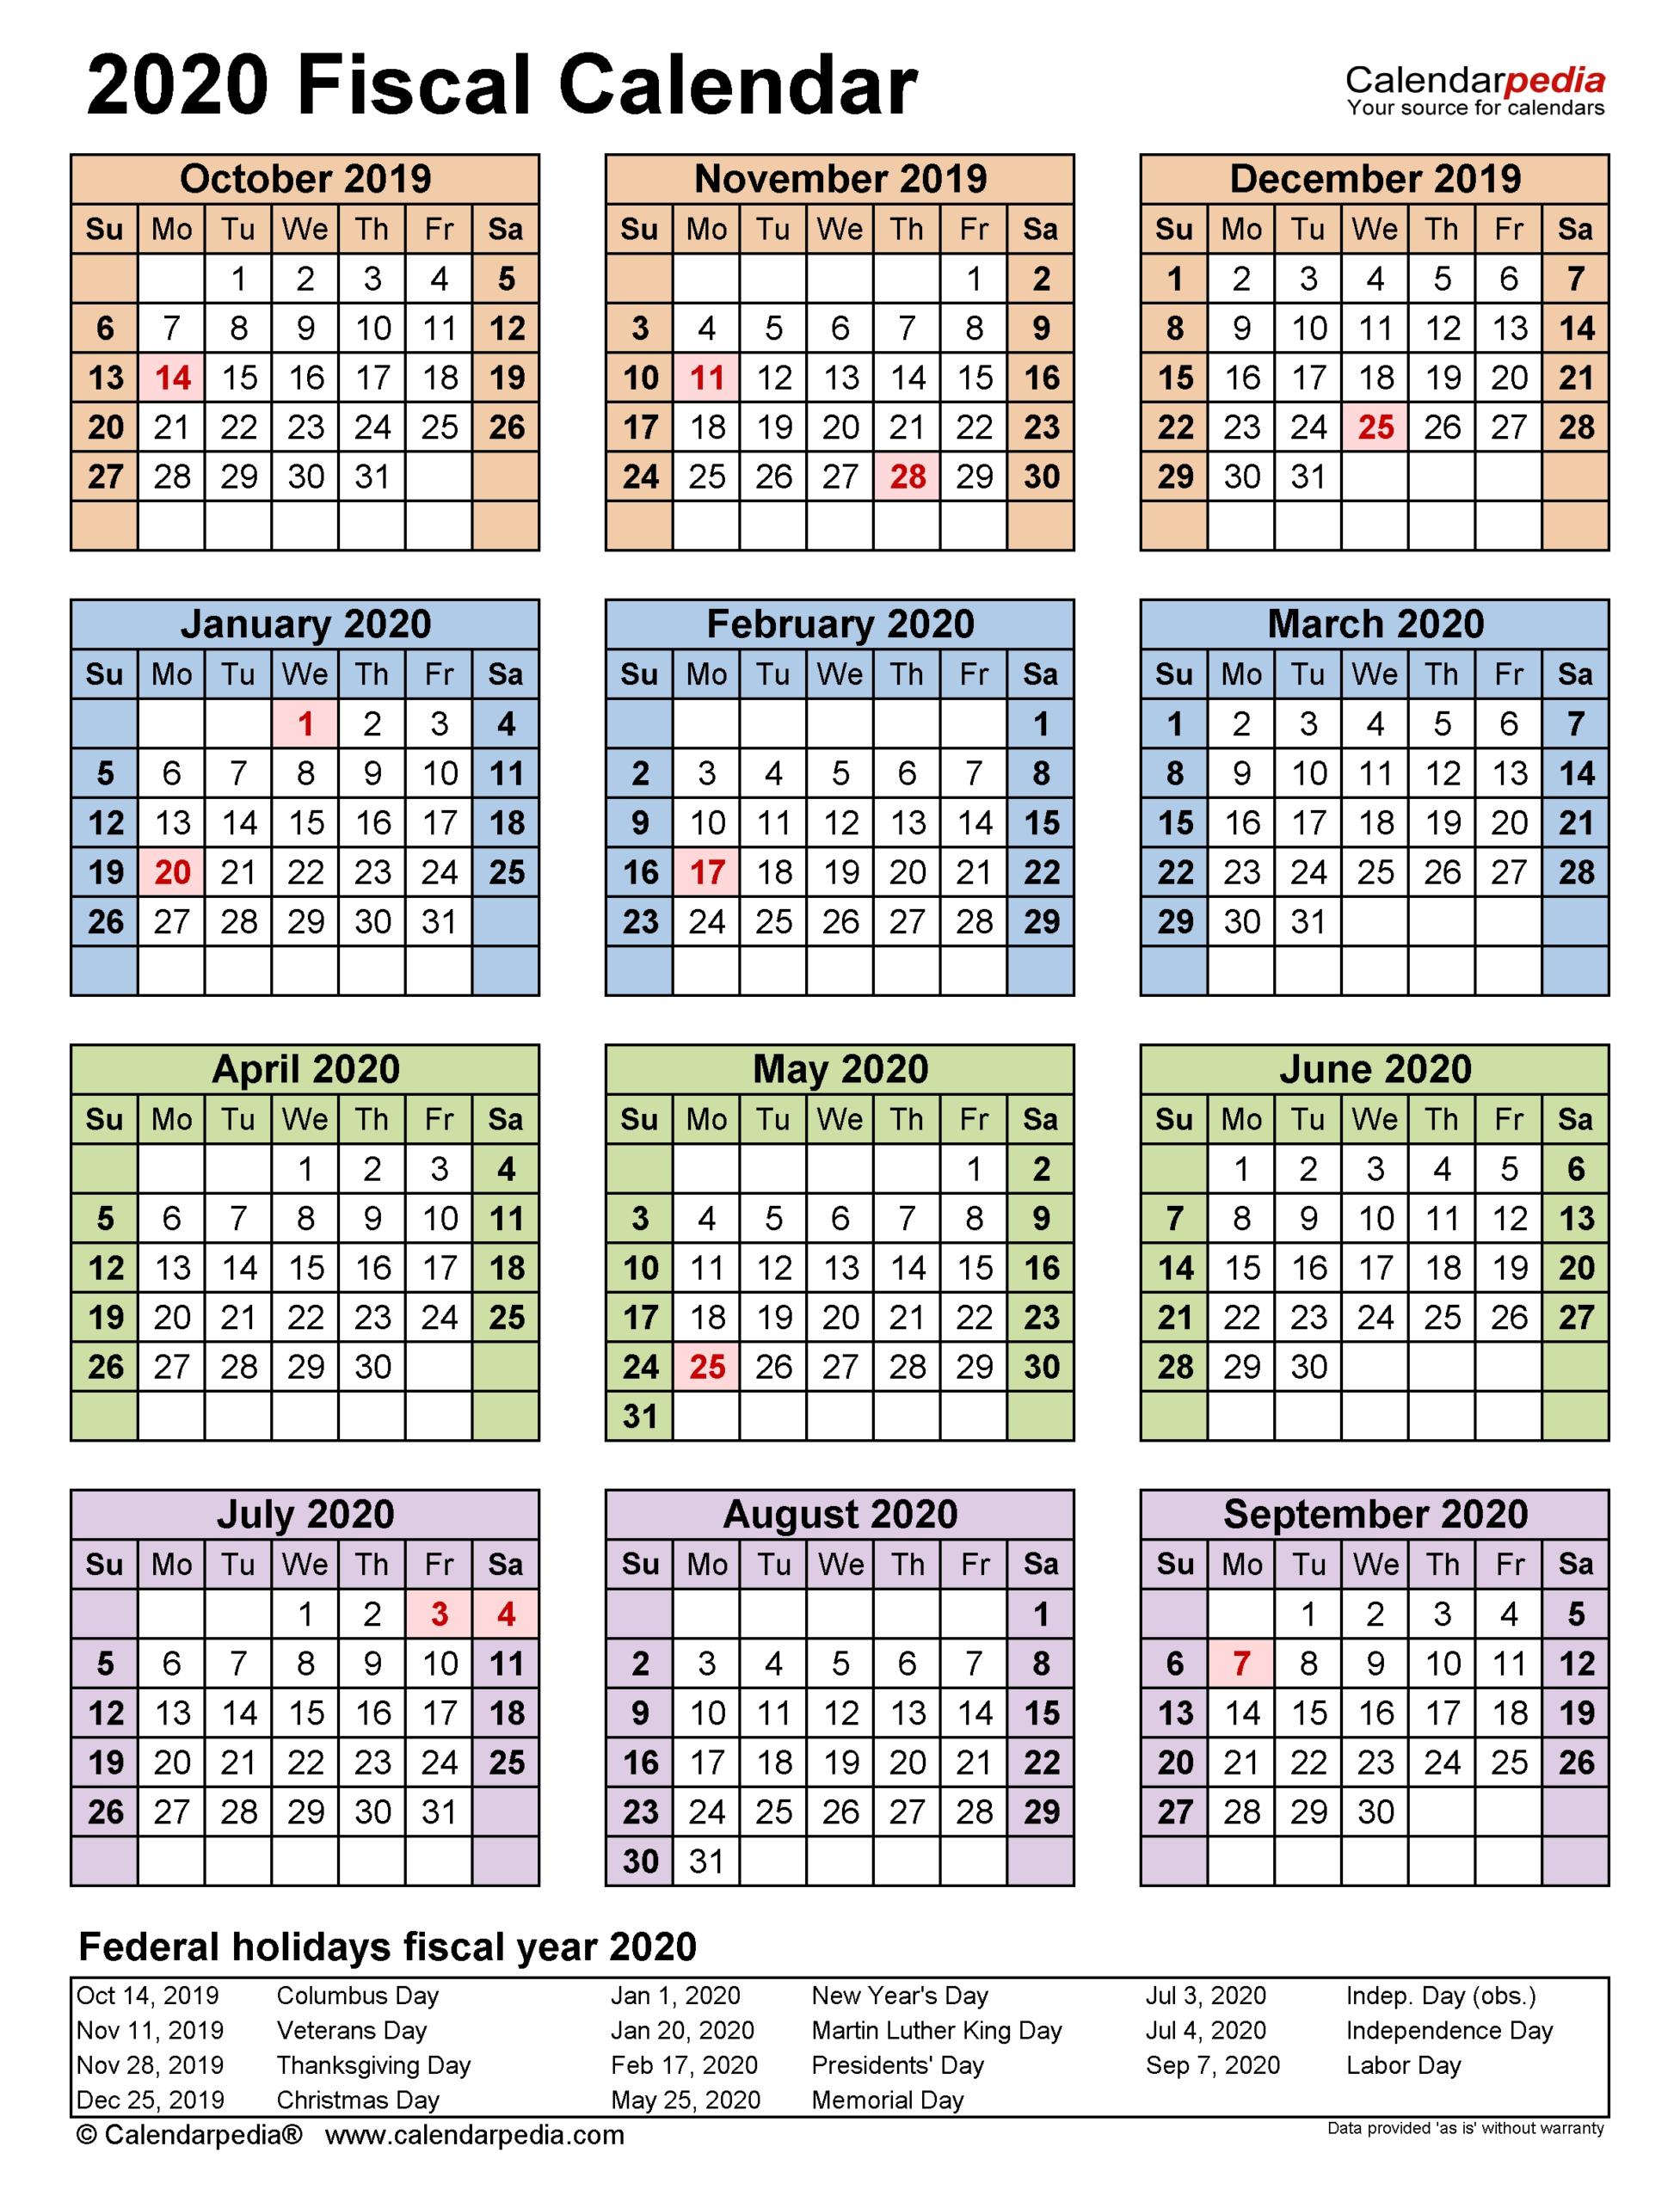 2021 19 Financial Calendar Printable - Template Calendar